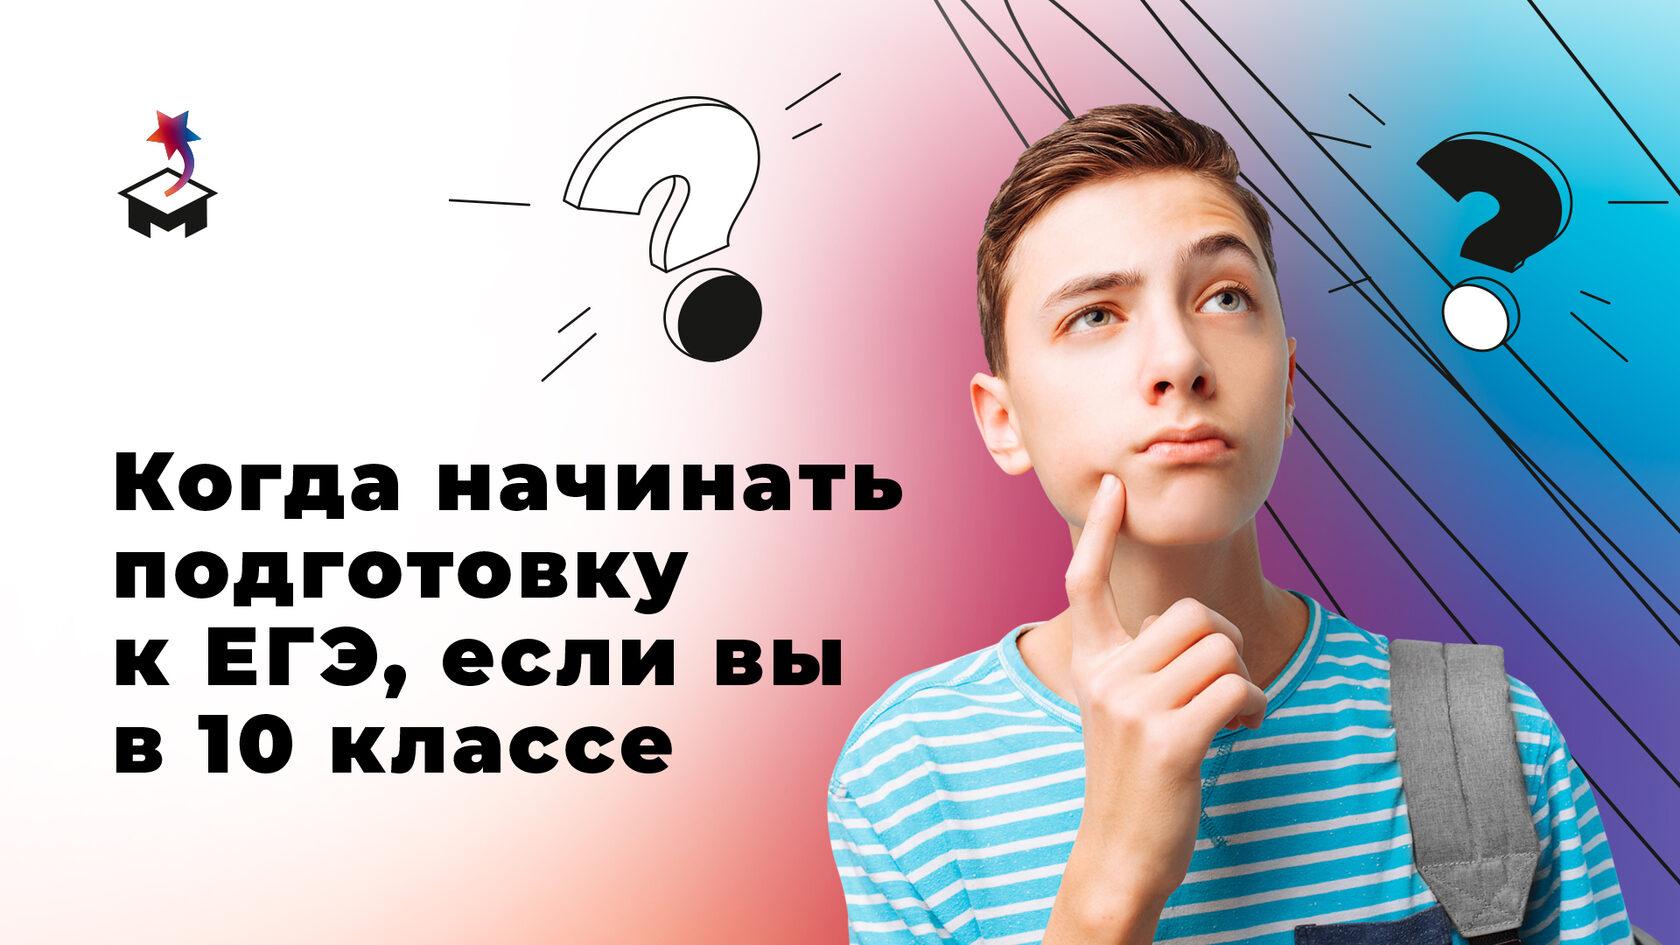 Задумчивый молодой человек и знаки вопроса